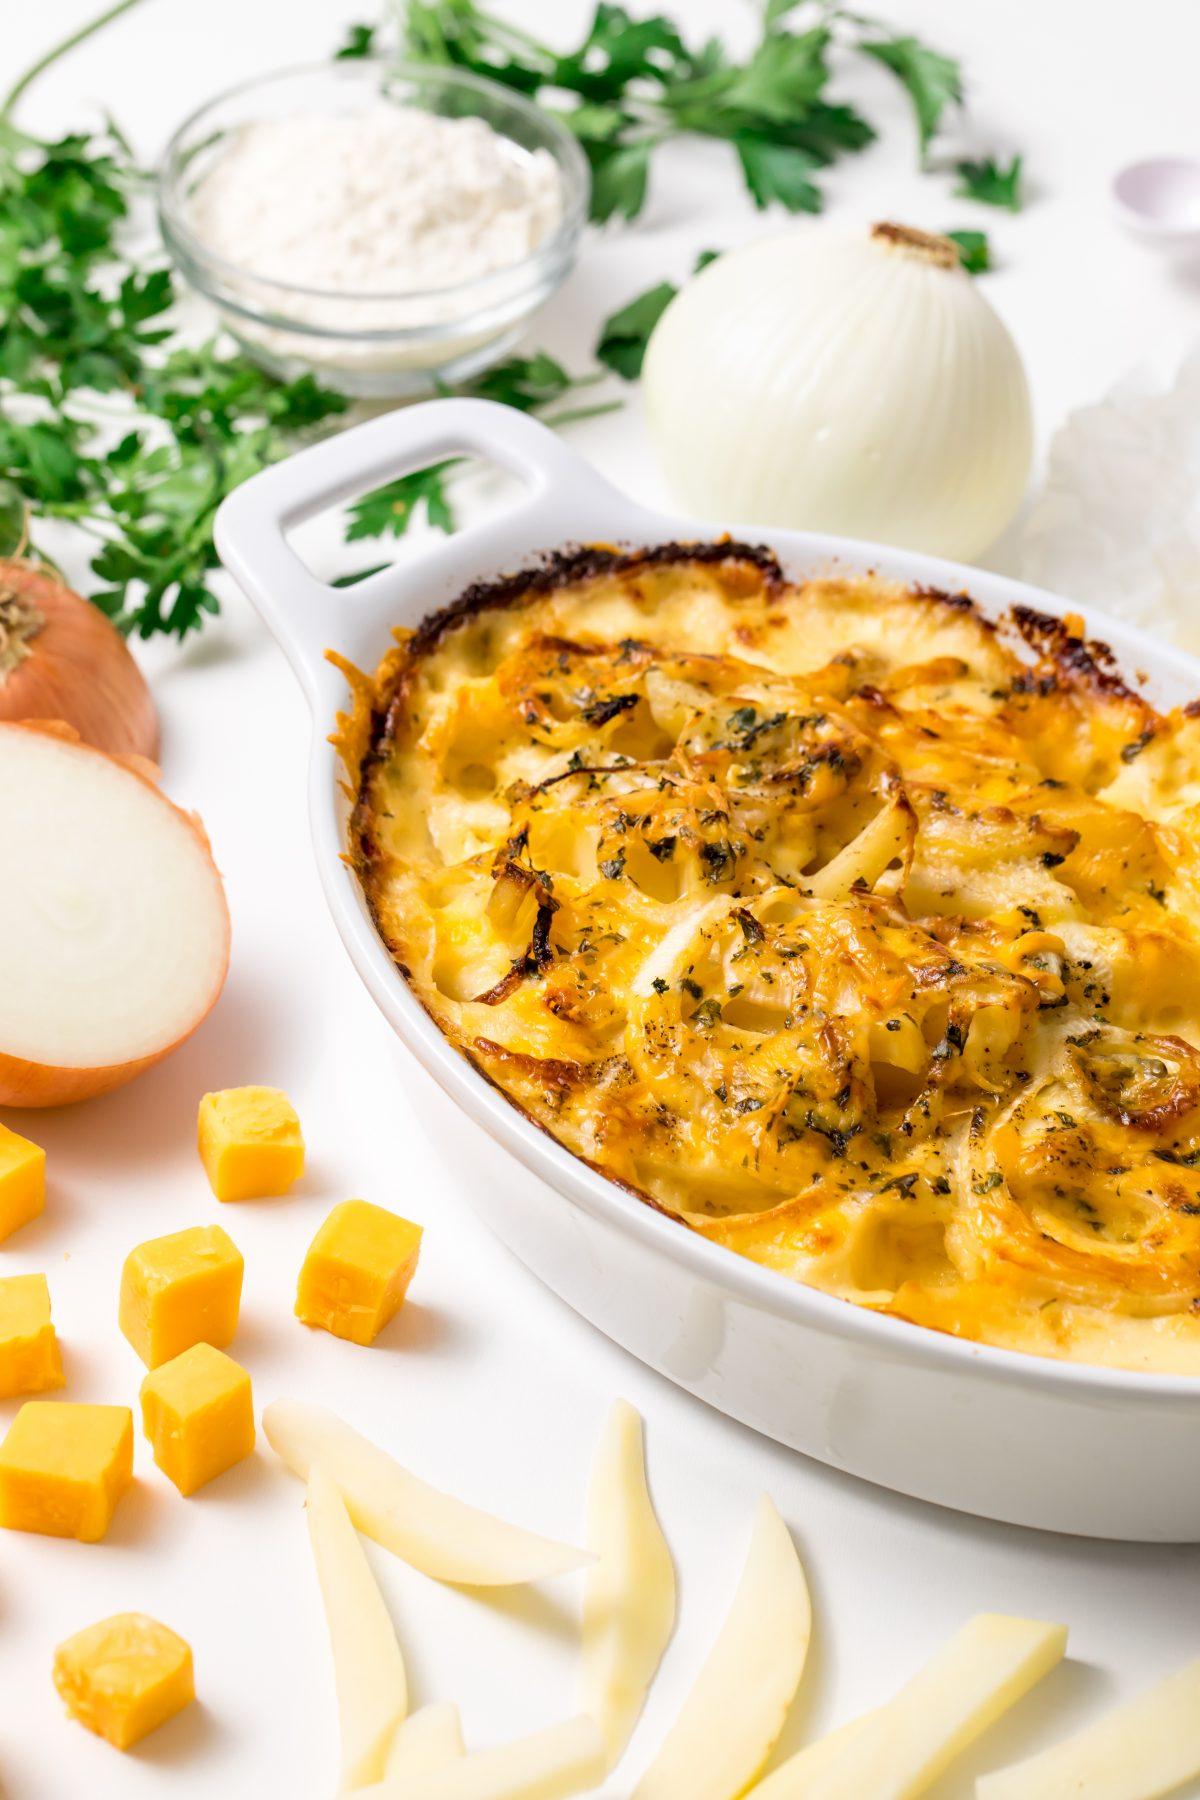 5D4B2026 - Cheesy Holiday Potatoes